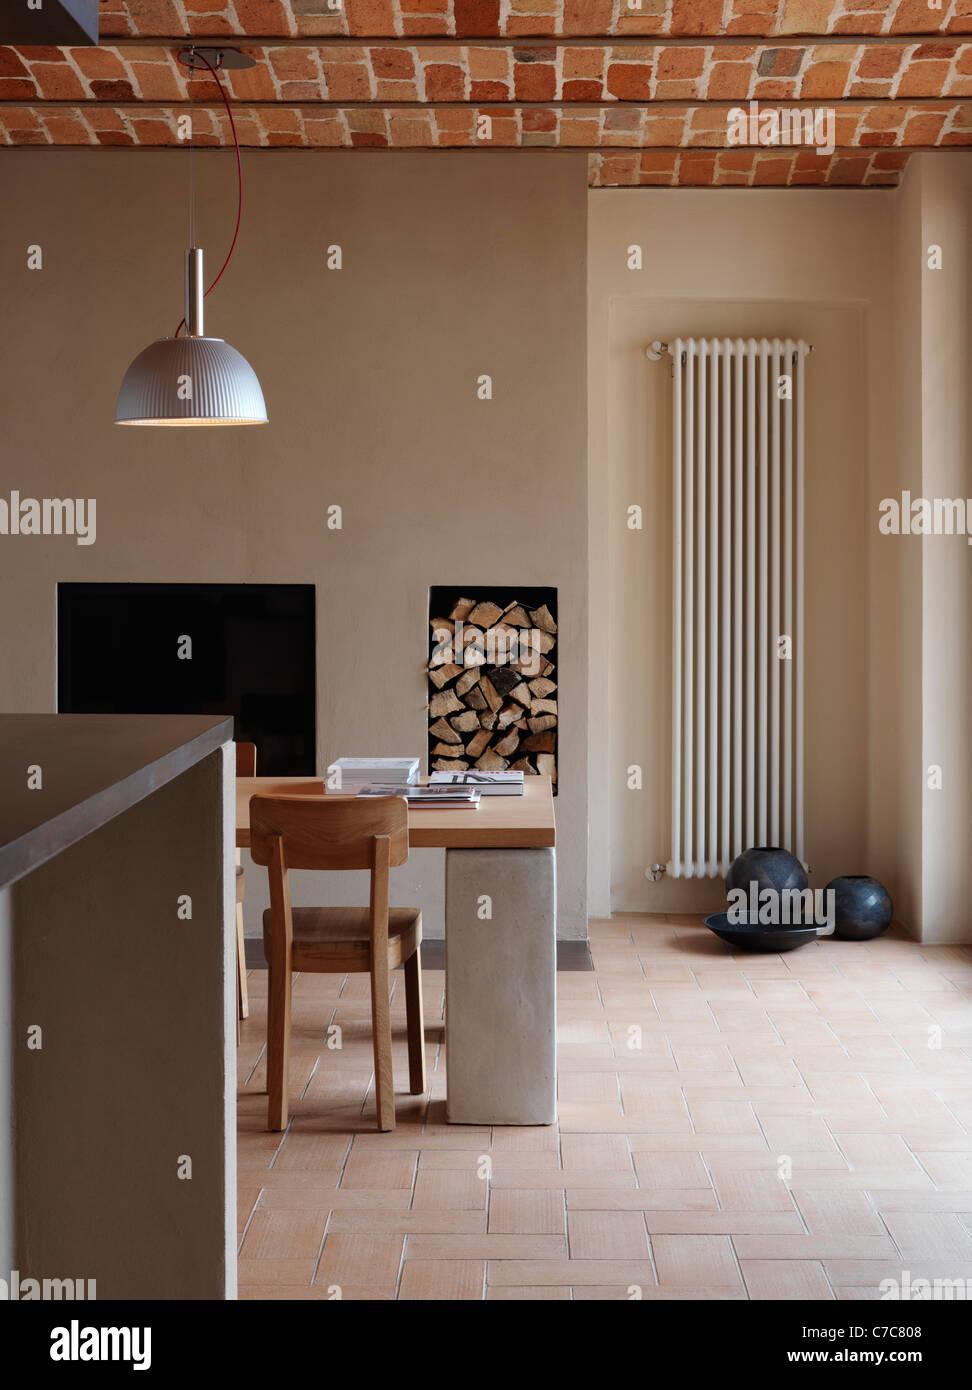 La sala da pranzo nella casa rustica con pavimento in cotto e ...